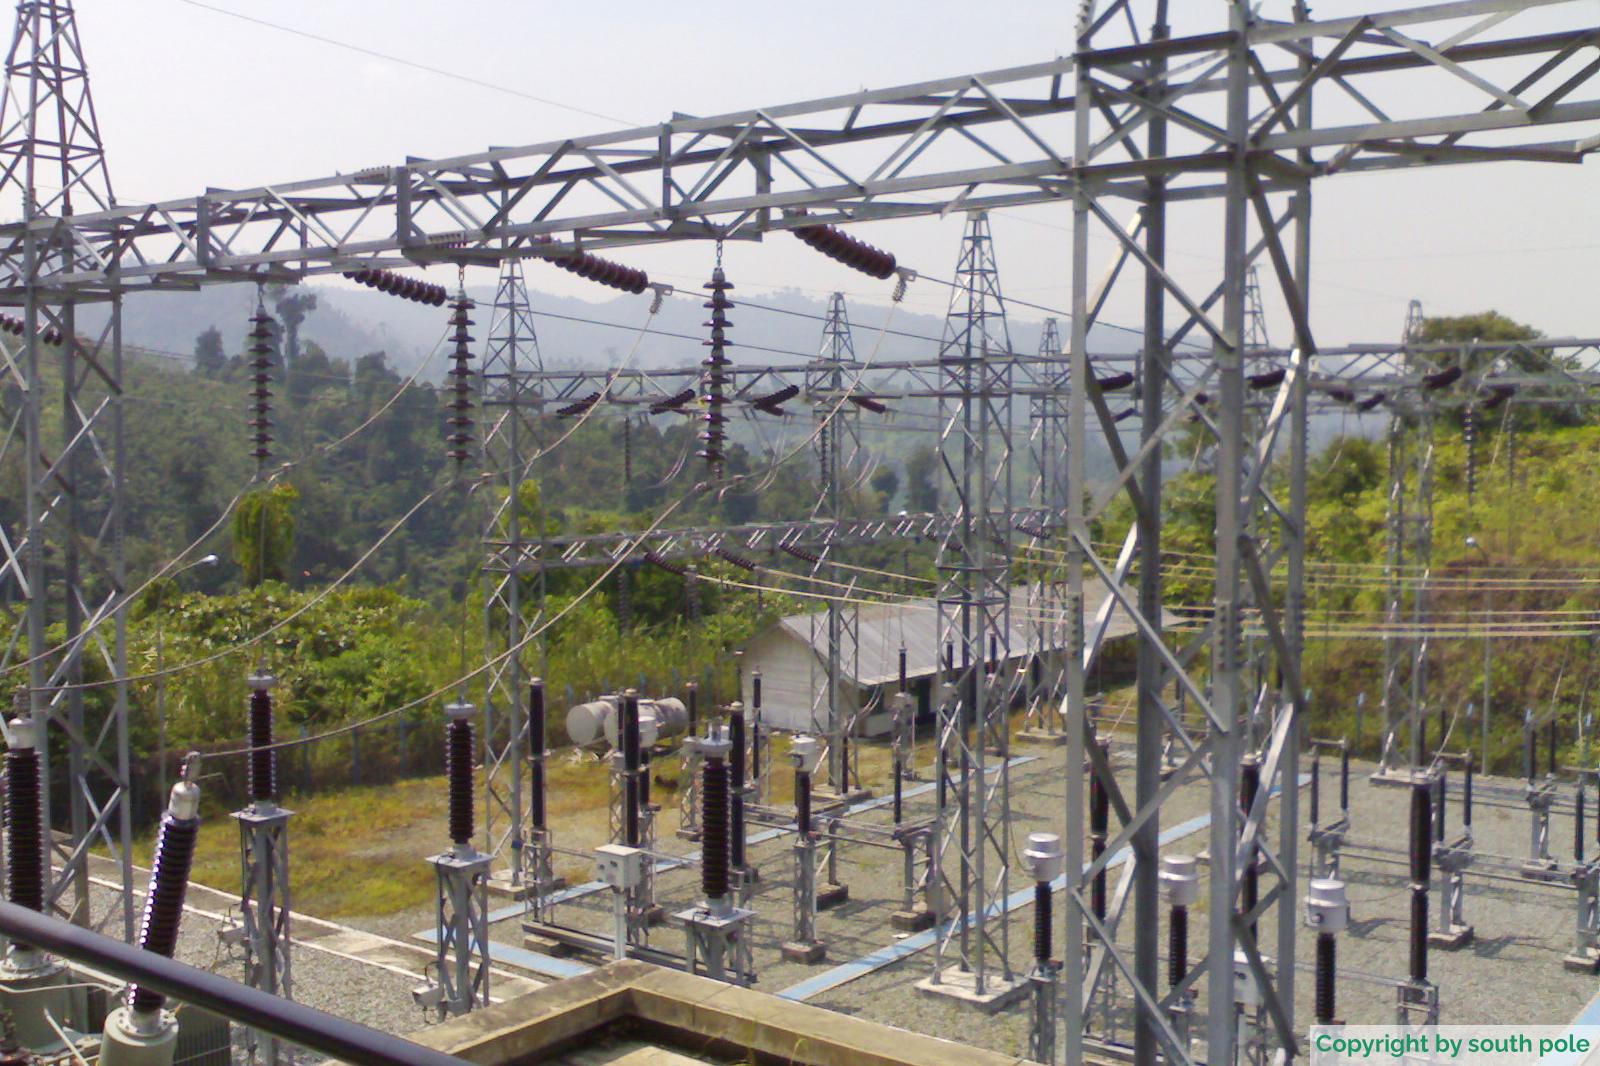 Das Umspannwerk des Laufwasserkraftwerks am Fluss Musi in Sumatra